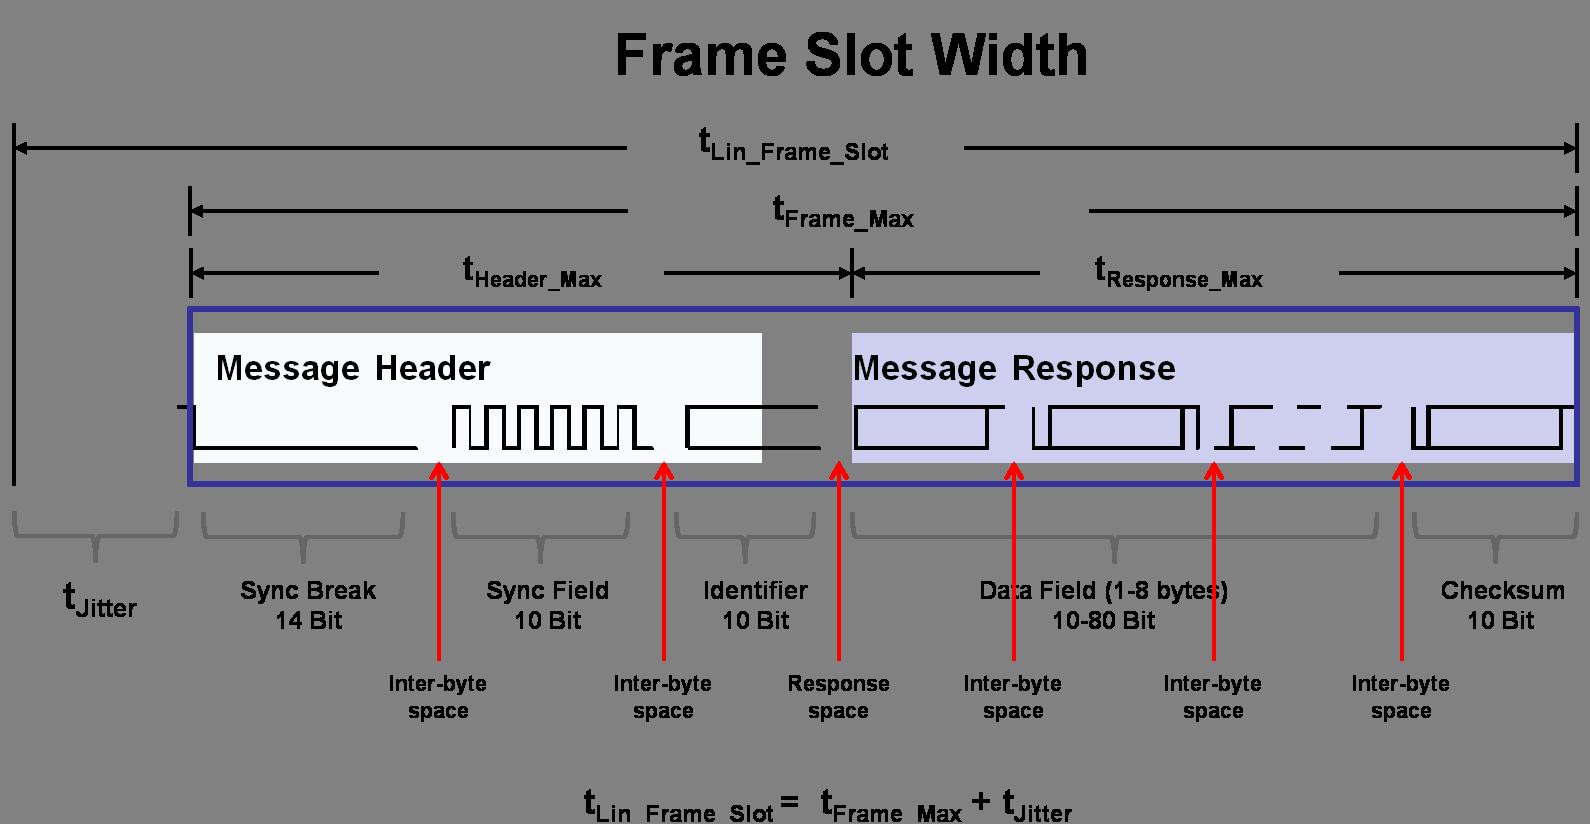 lin-message-frame-slot-width.png